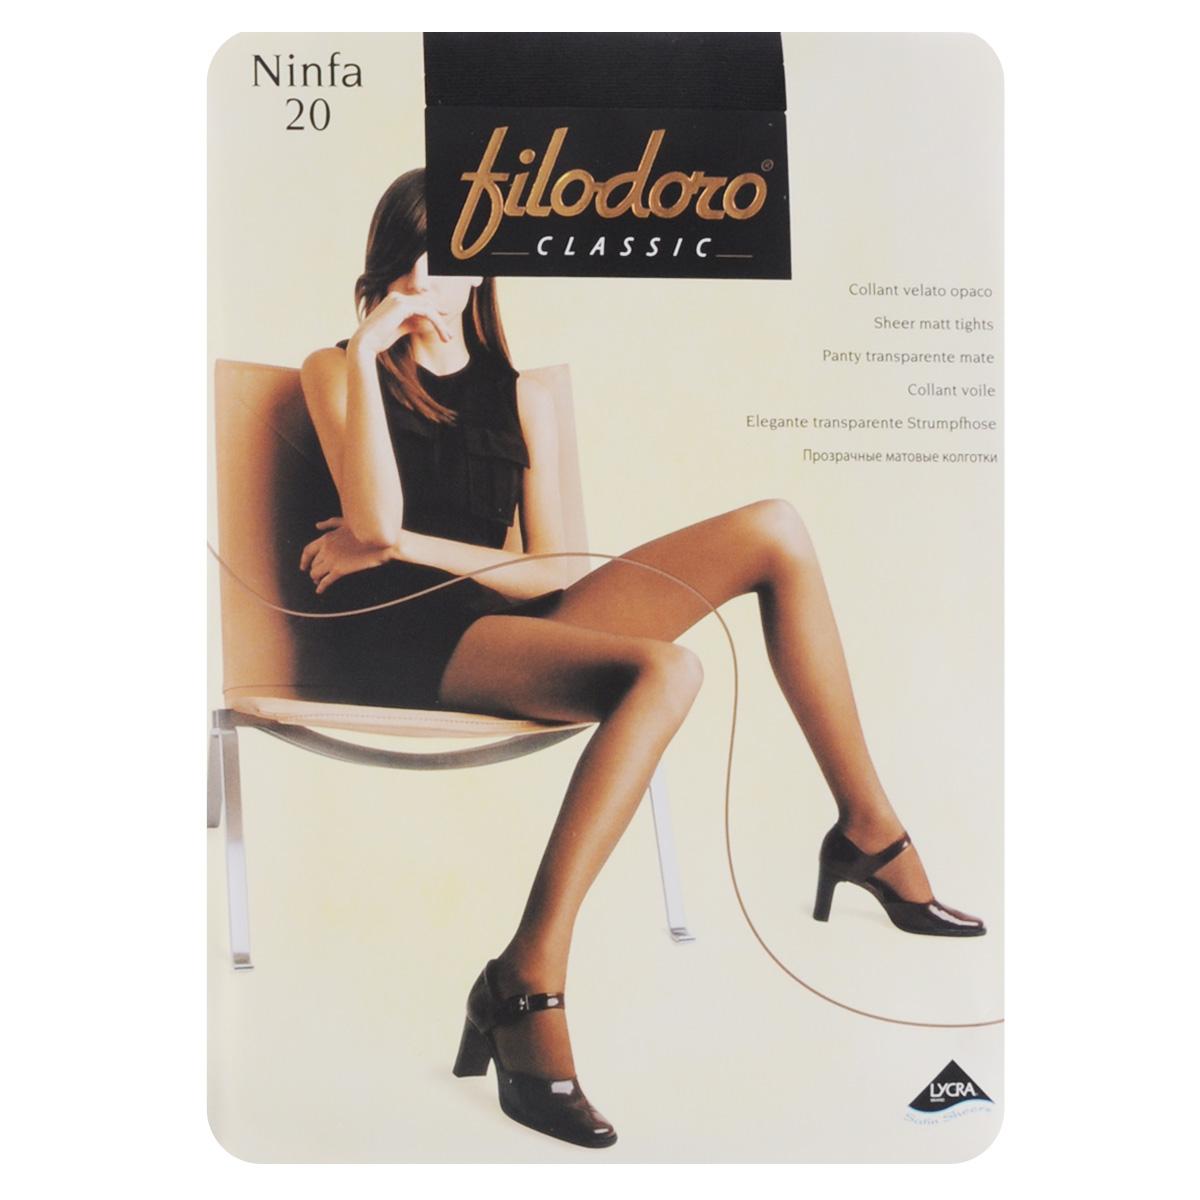 Колготки женские Filodoro Classic Ninfa 20, цвет: Nero (черный). C109172FC. Размер 5 (Maxi-XL) колготки женские filodoro classic ninfa 20 цвет nero черный c109172fc размер 2 s